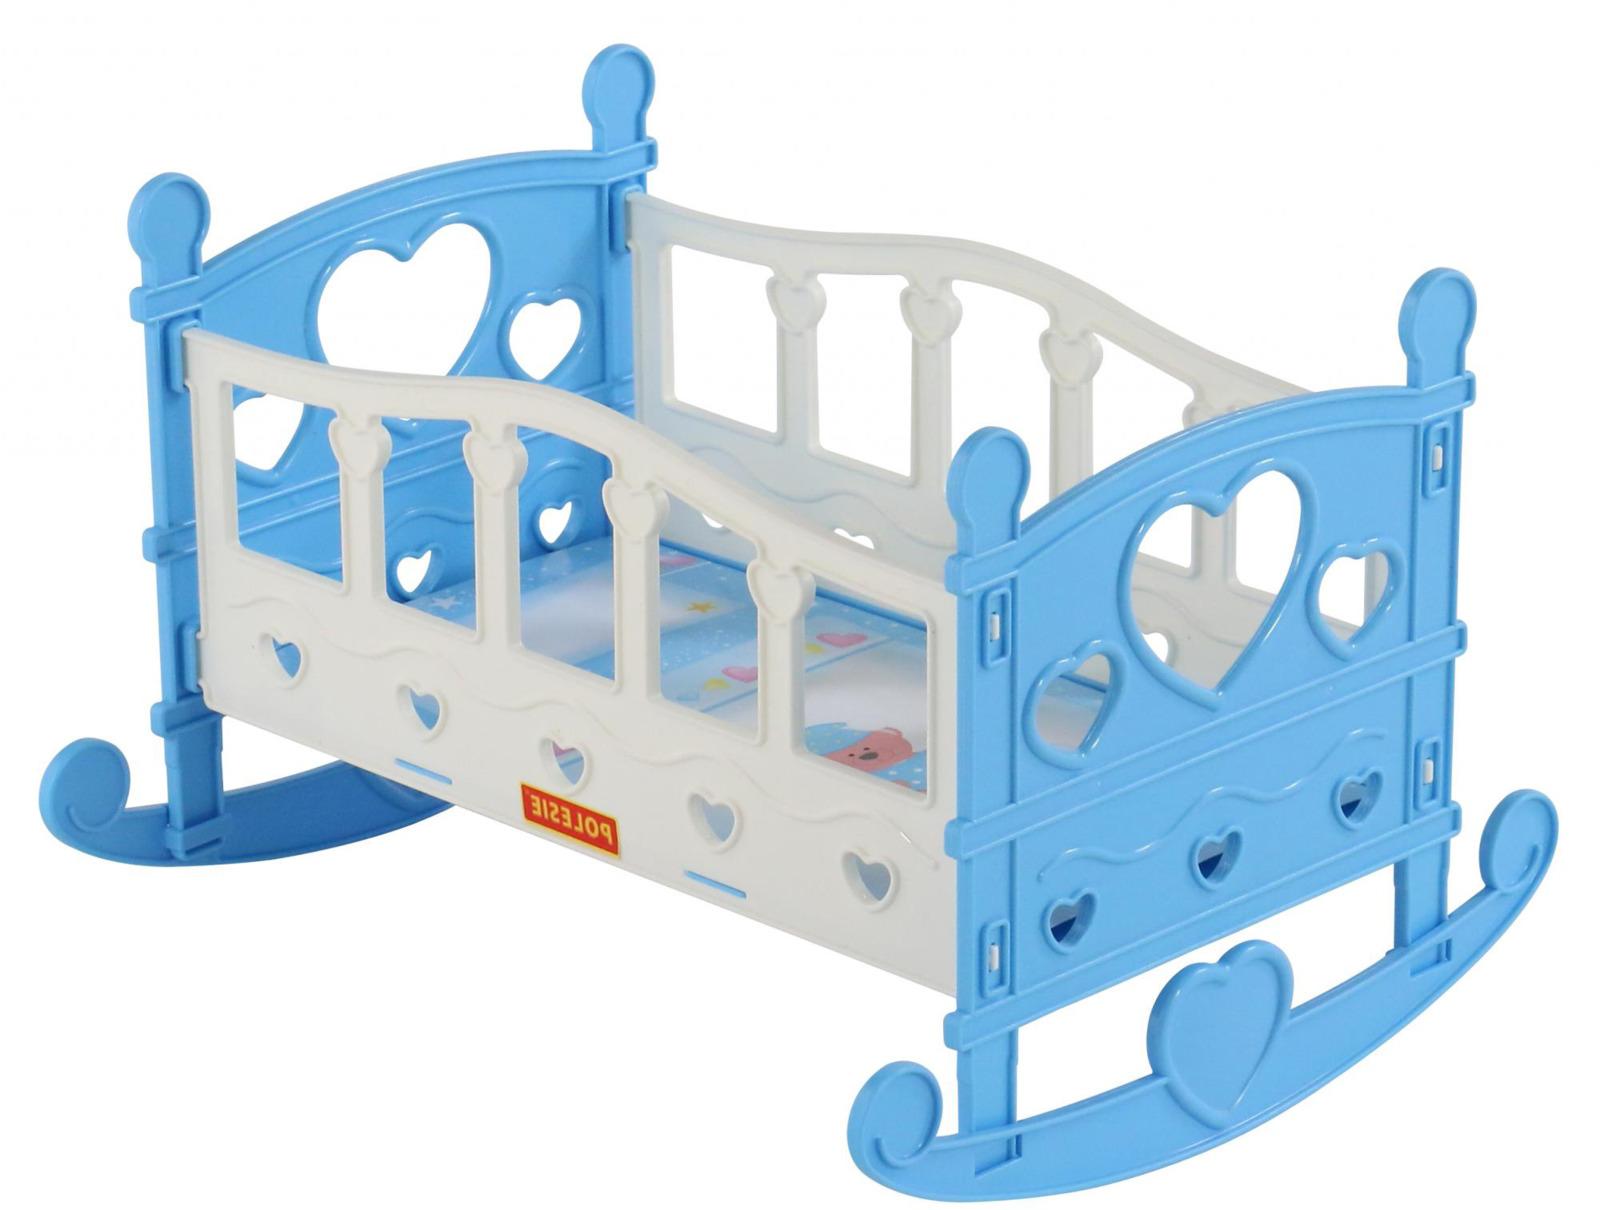 Кроватка-качалка сборная для кукол Полесье №2, 7 элементов, цвет в ассортименте кроватка качалка для кукол полесье кроватка качалка сборная для кукол 2